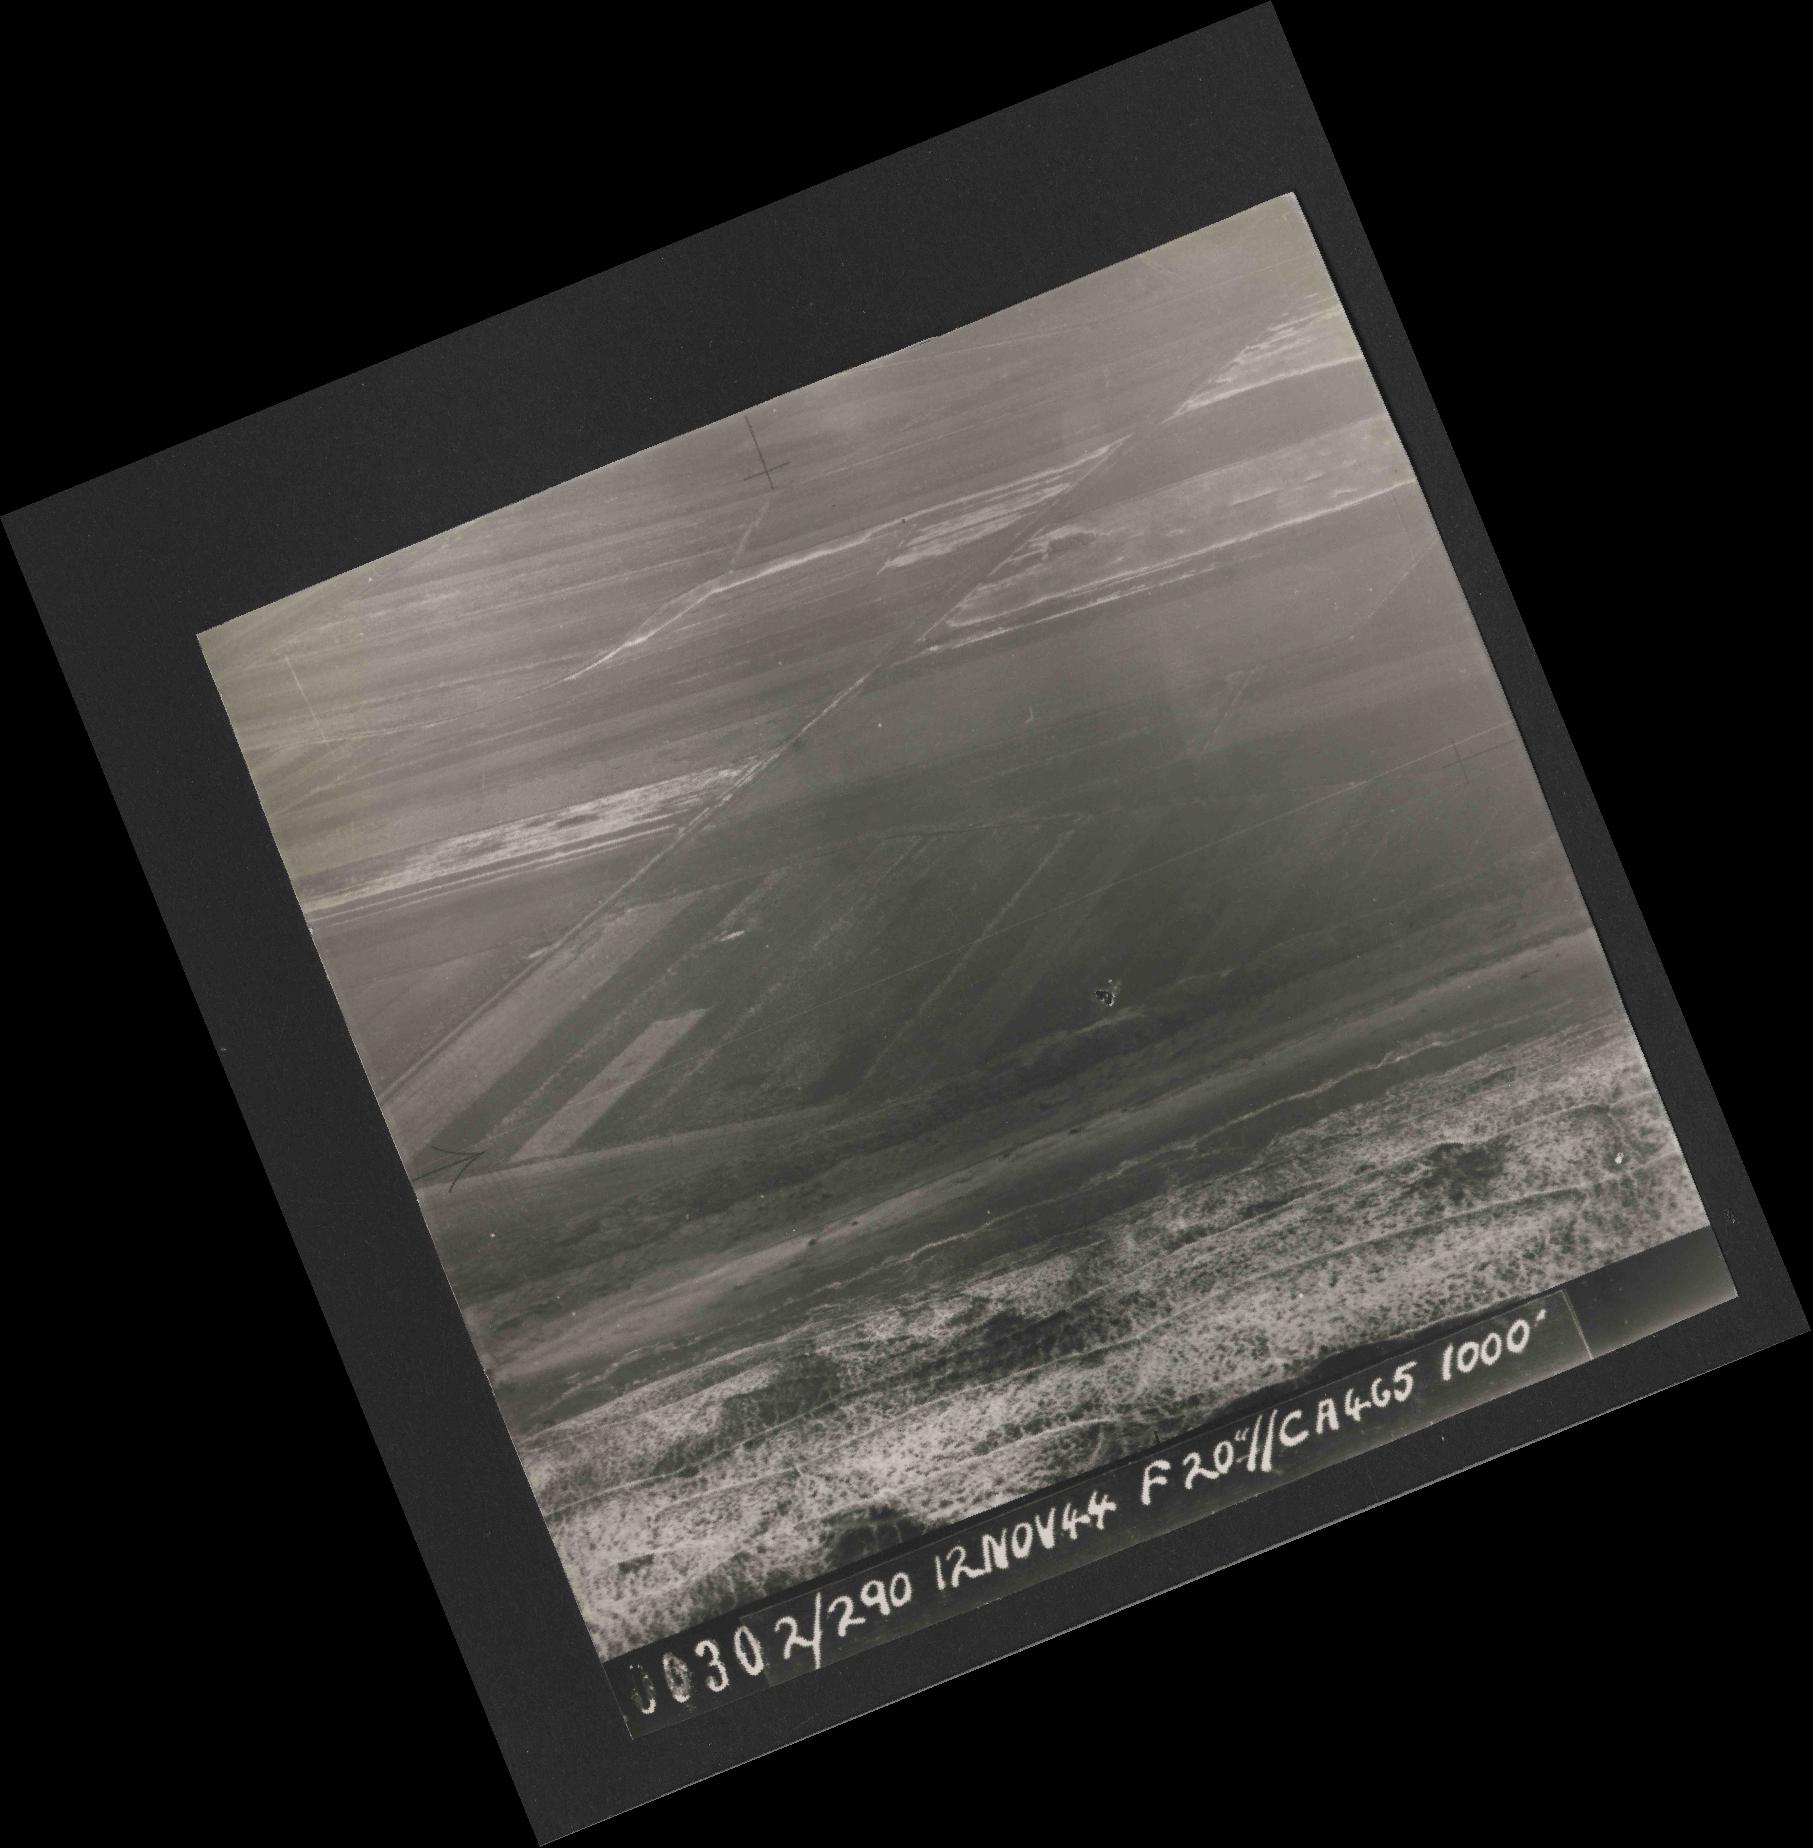 Collection RAF aerial photos 1940-1945 - flight 554, run 01, photo 0030